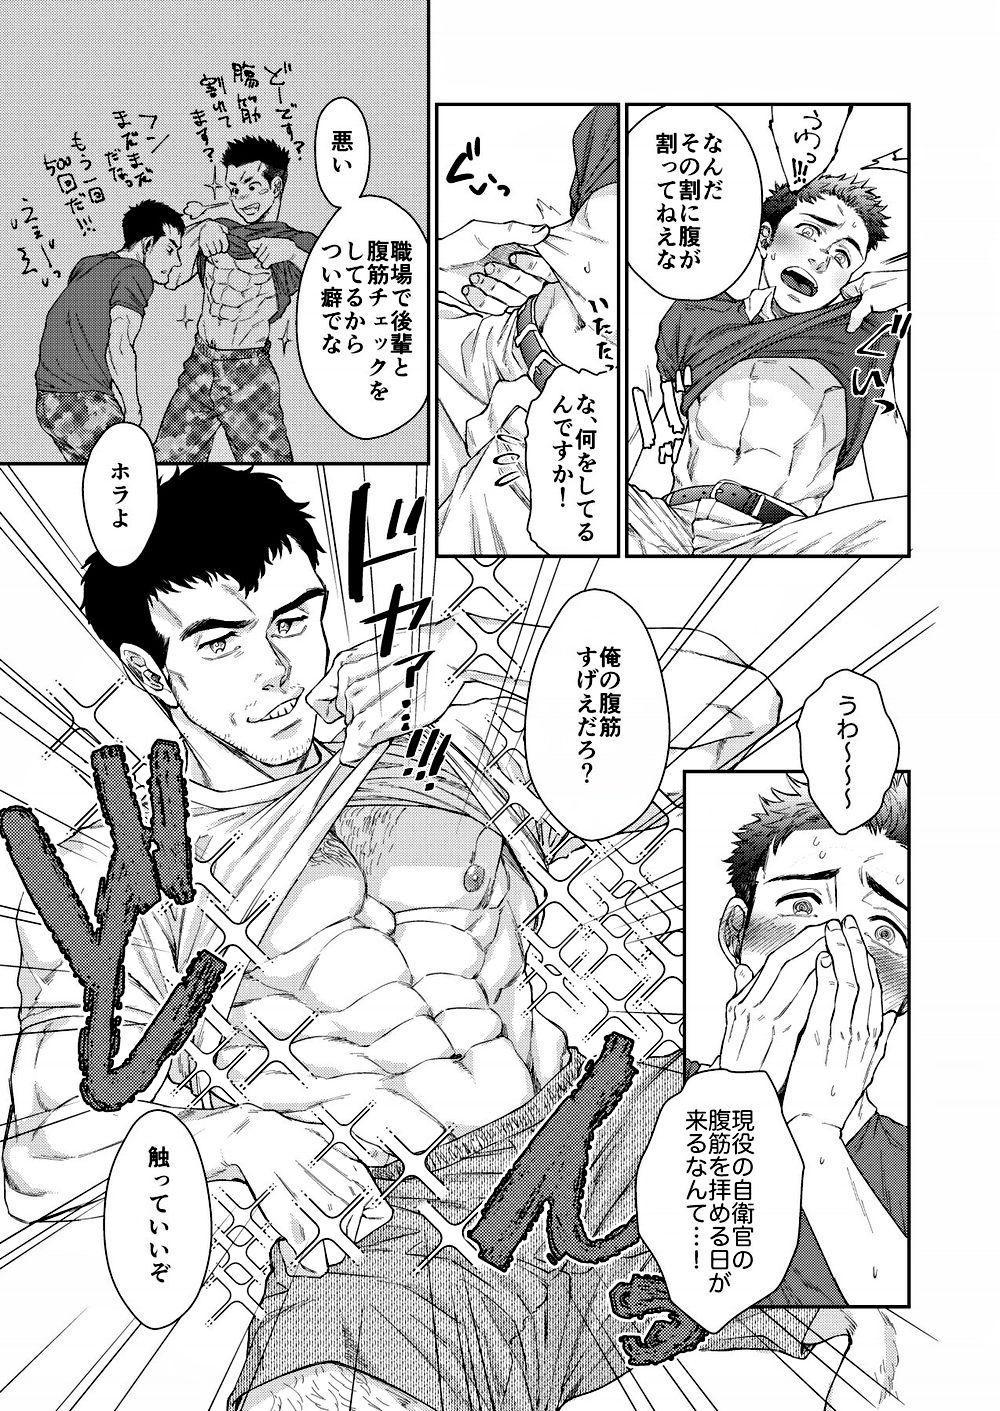 Kamishimo o nuide hitotsu bureikō 8